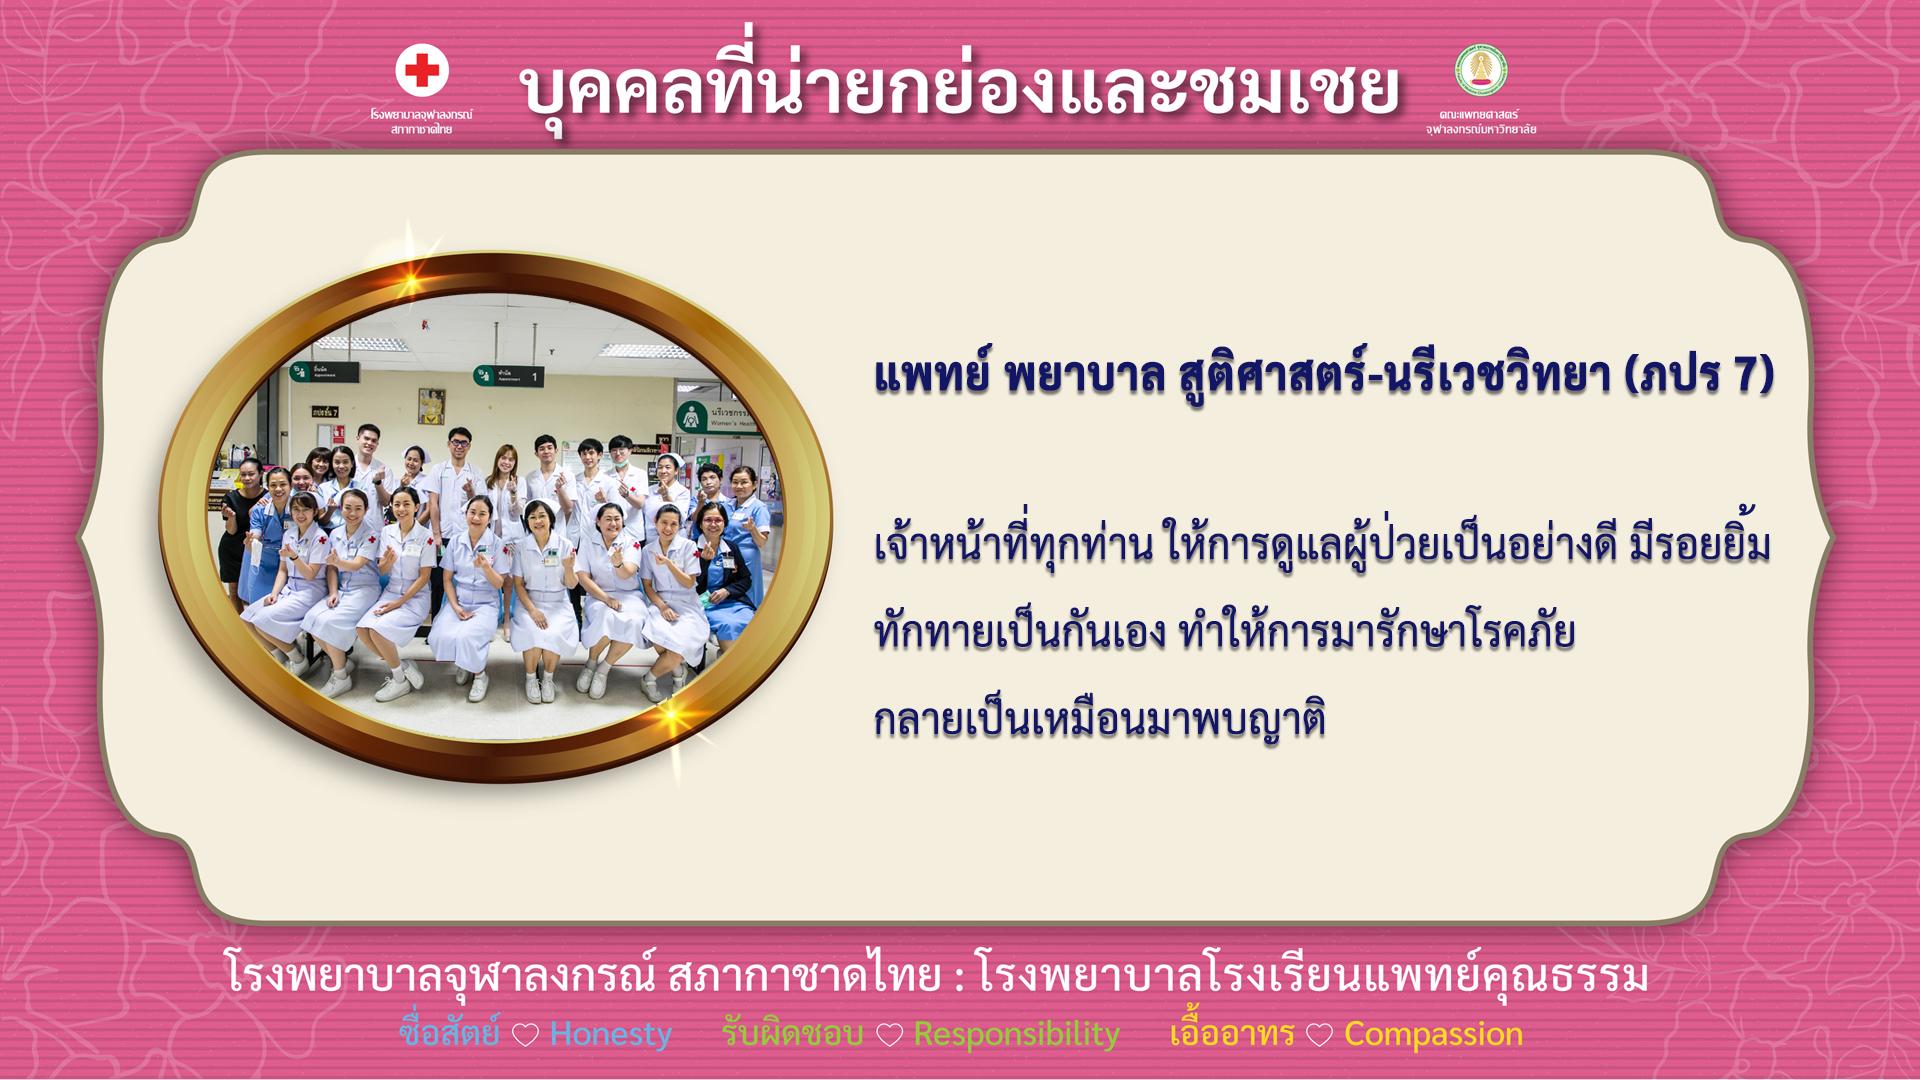 แพทย์ พยาบาล สูติศาสตร์-นรีเวชวิทยา (ภปร7)